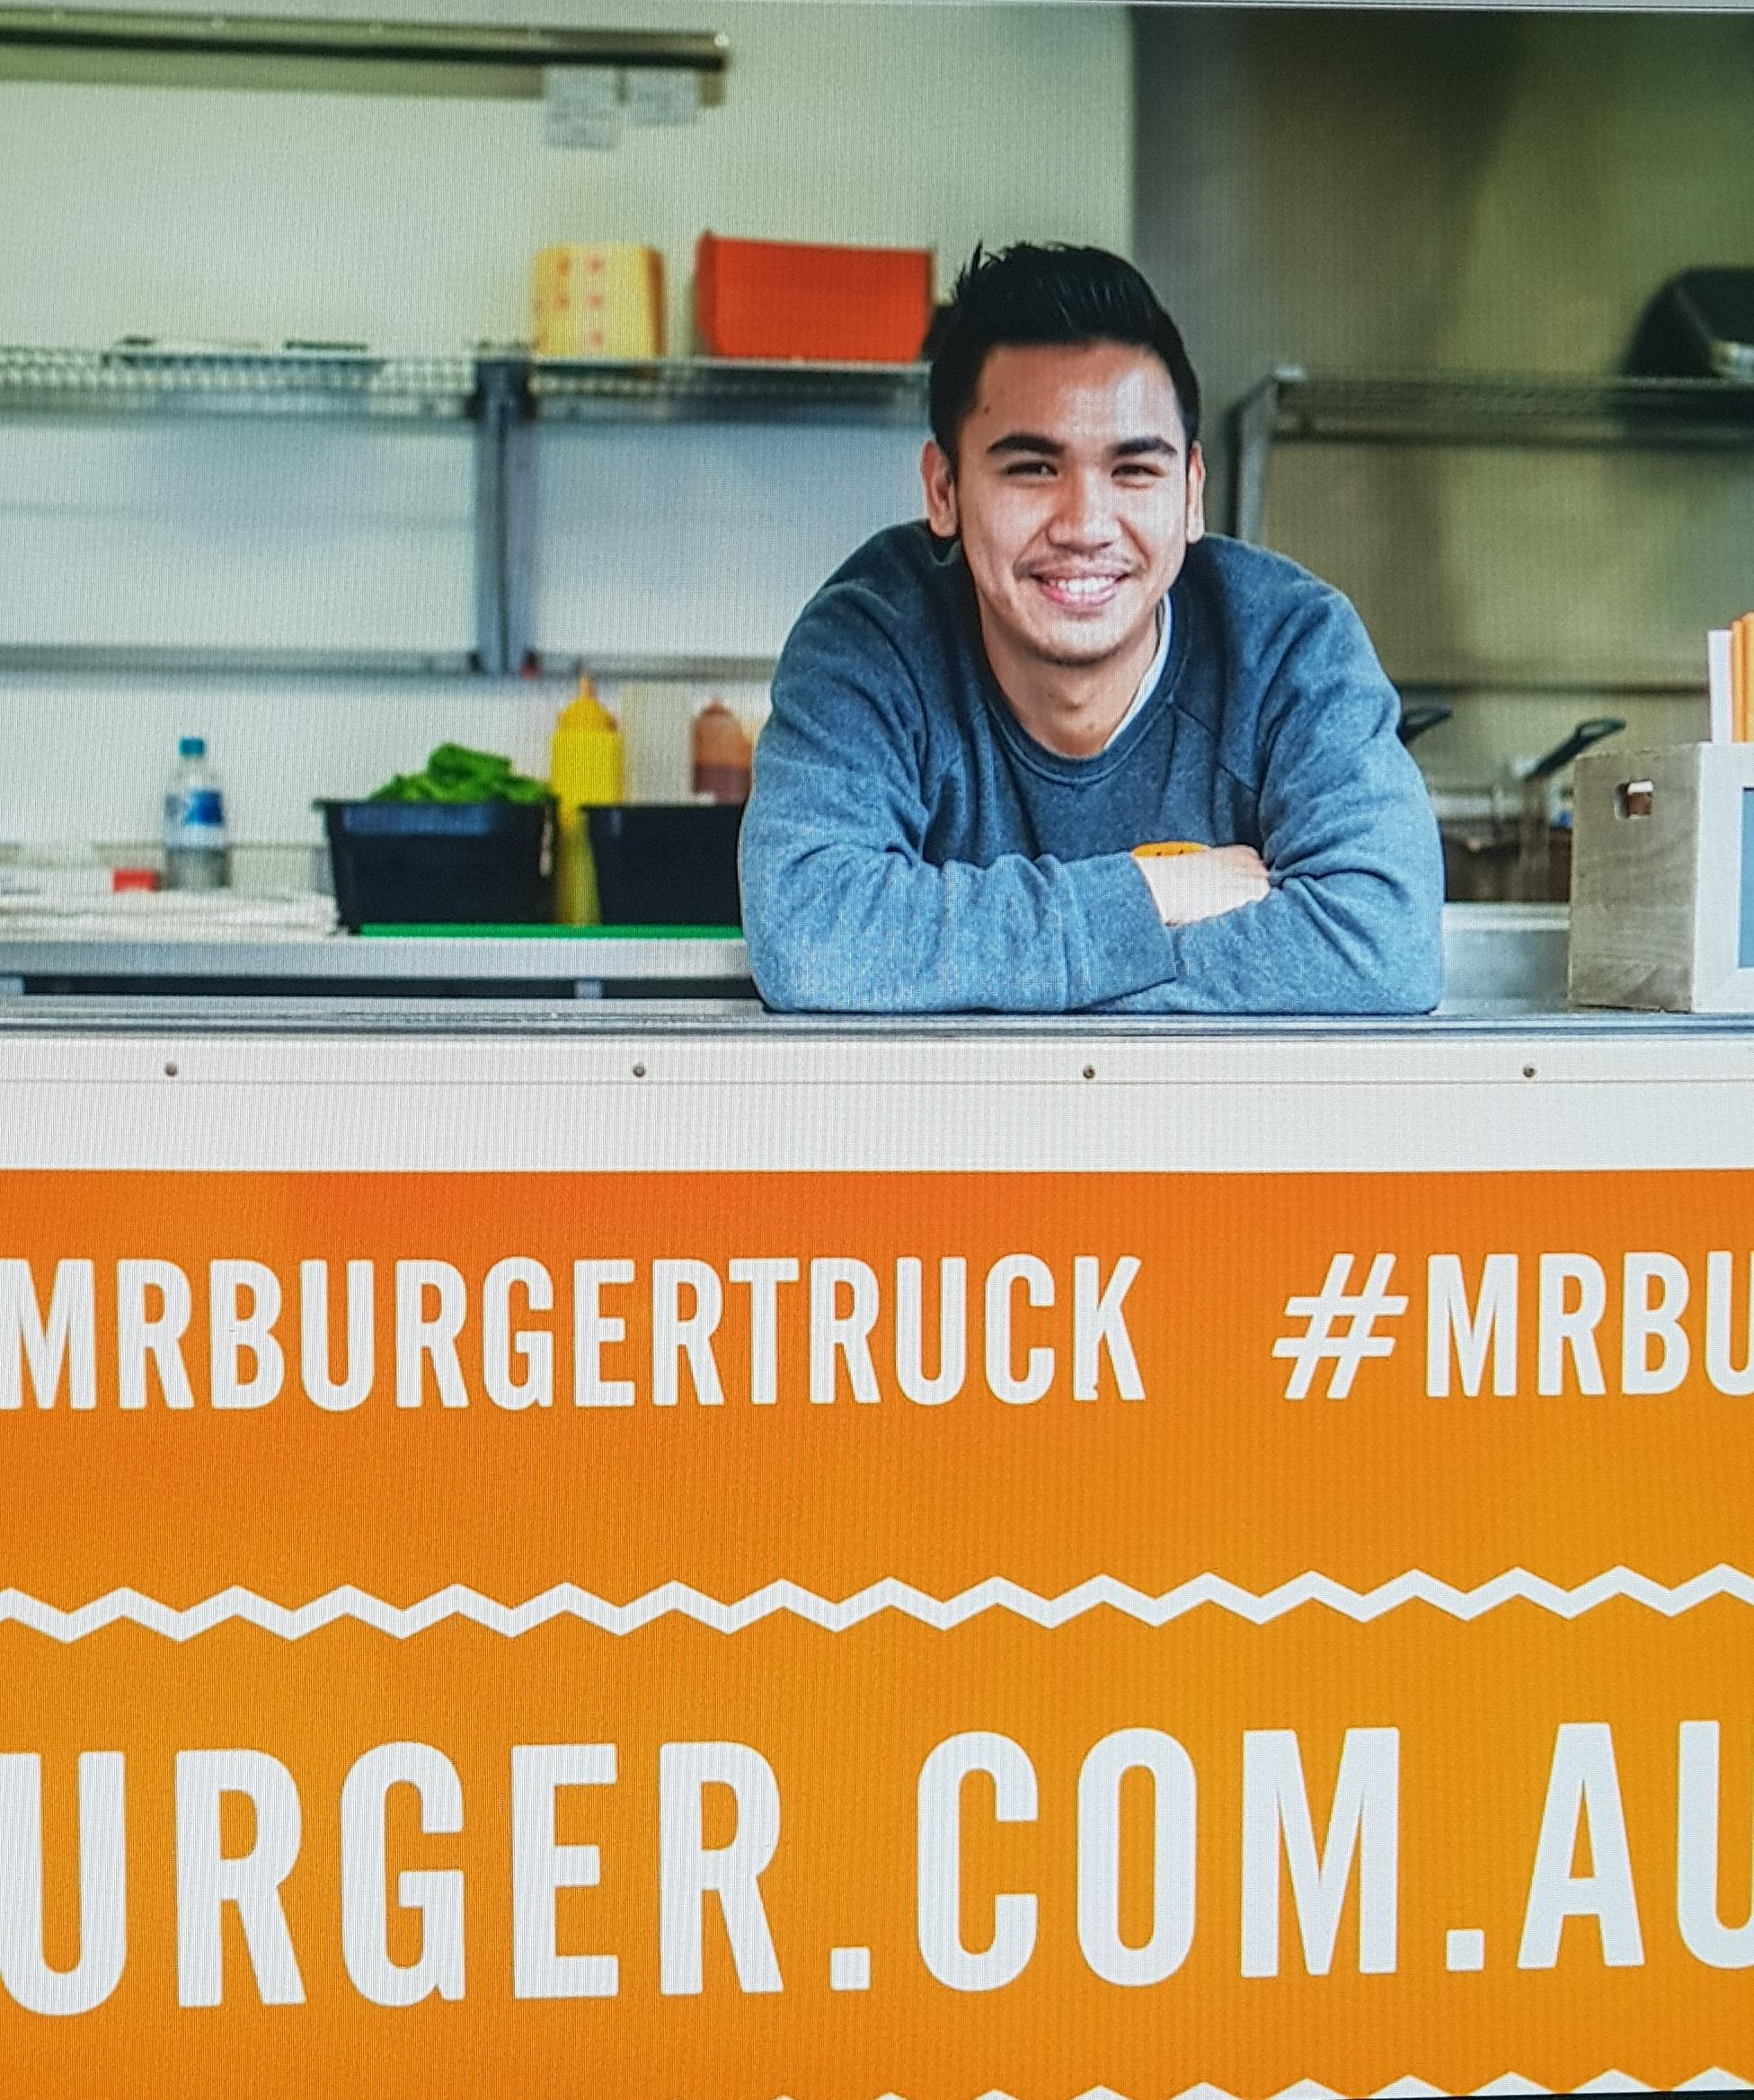 Ben - Chief Burger Flipper at Mr Burger